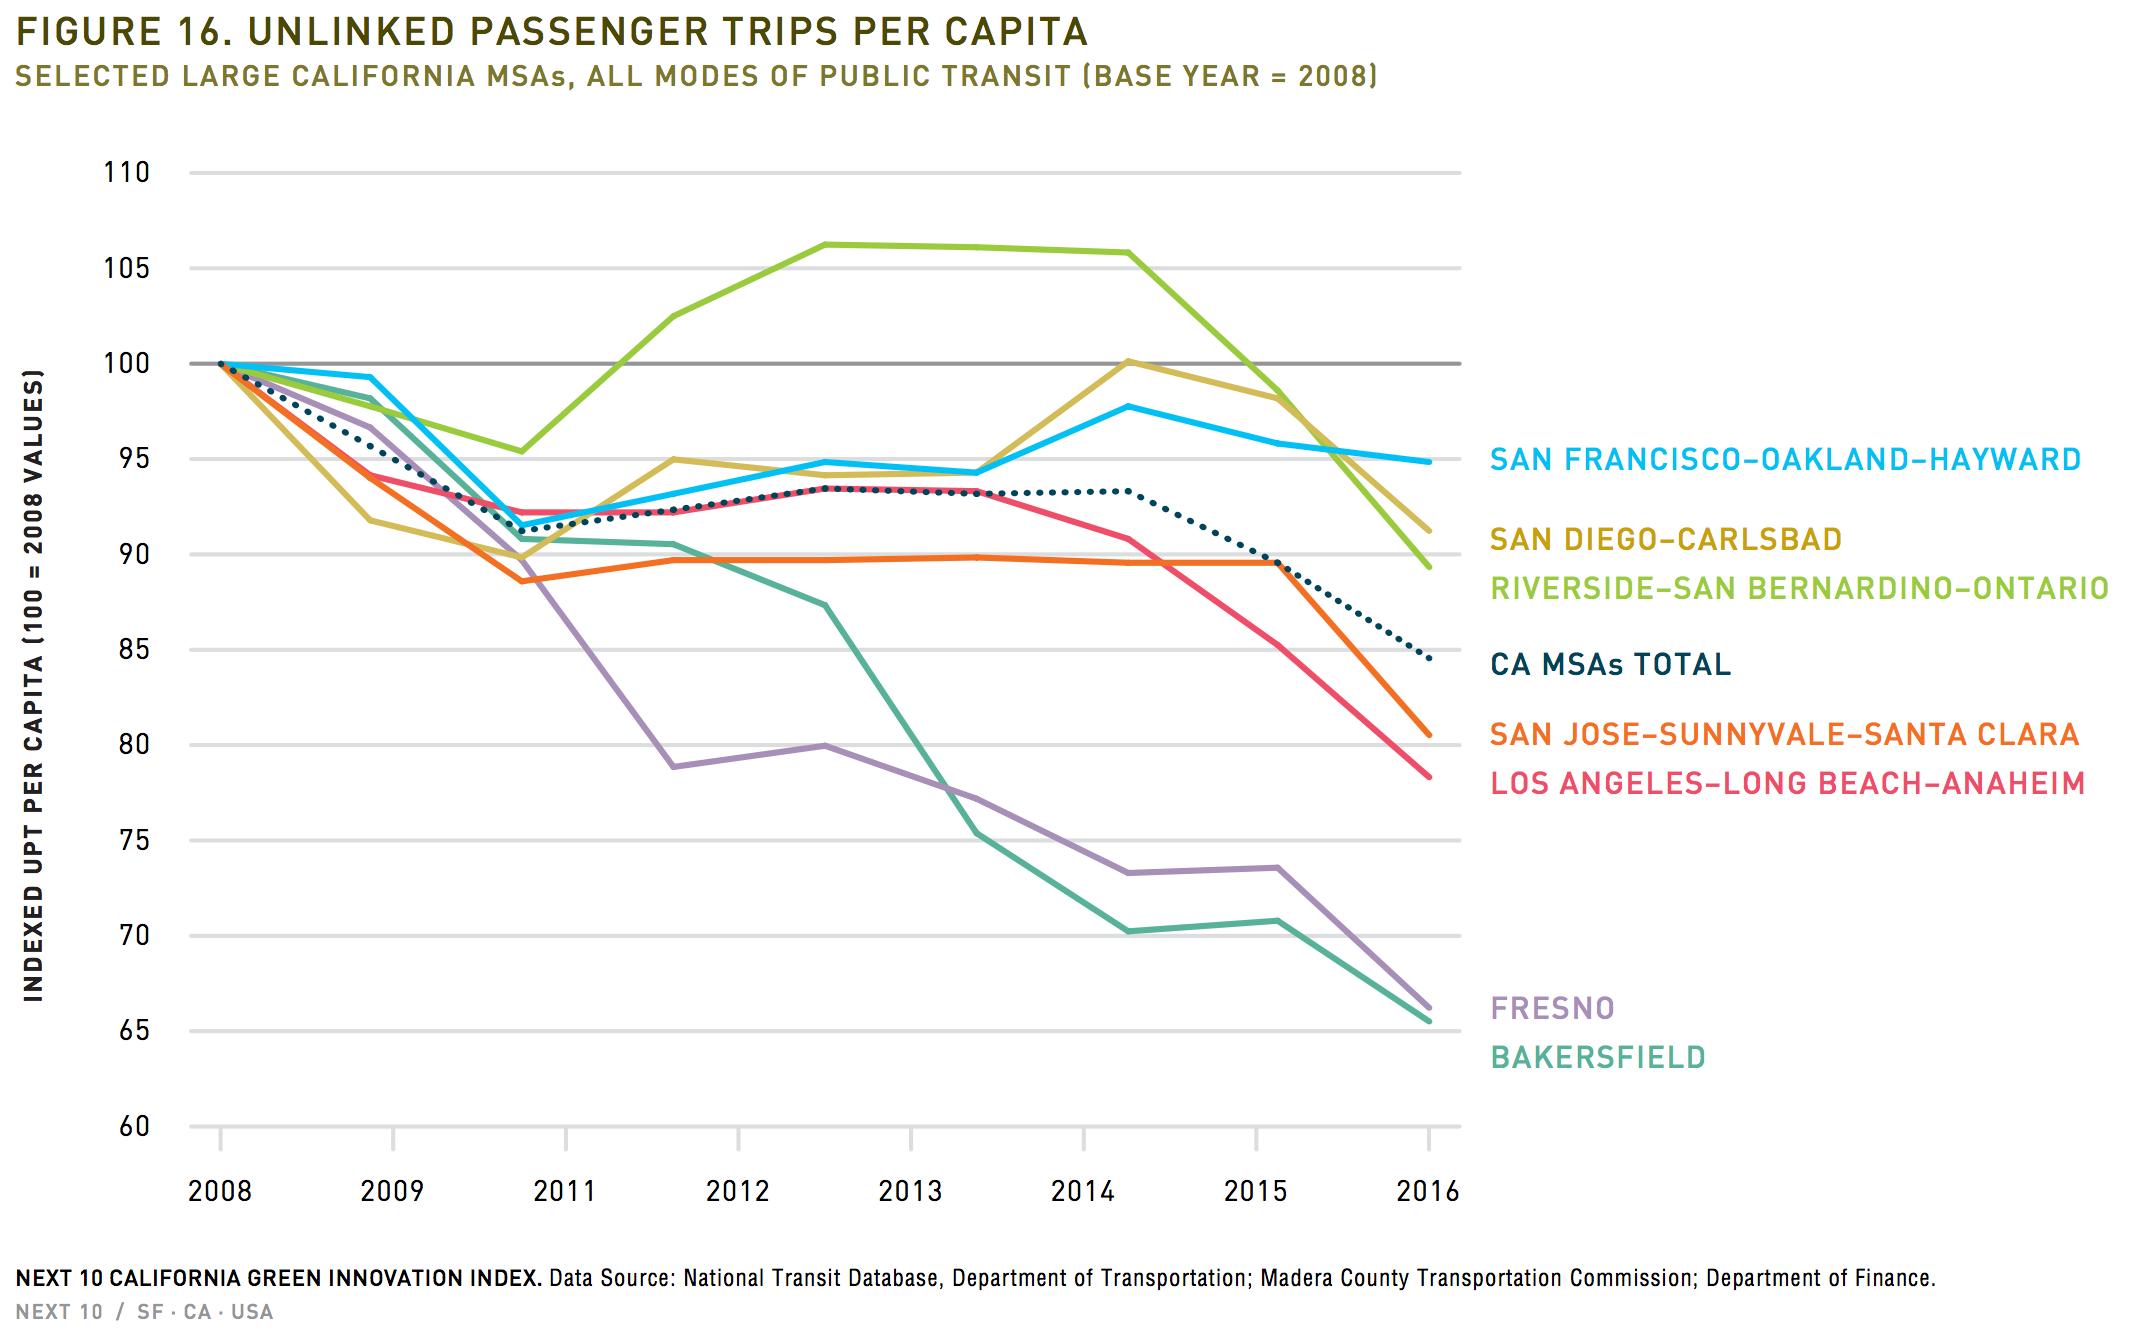 CA public transportation per capita